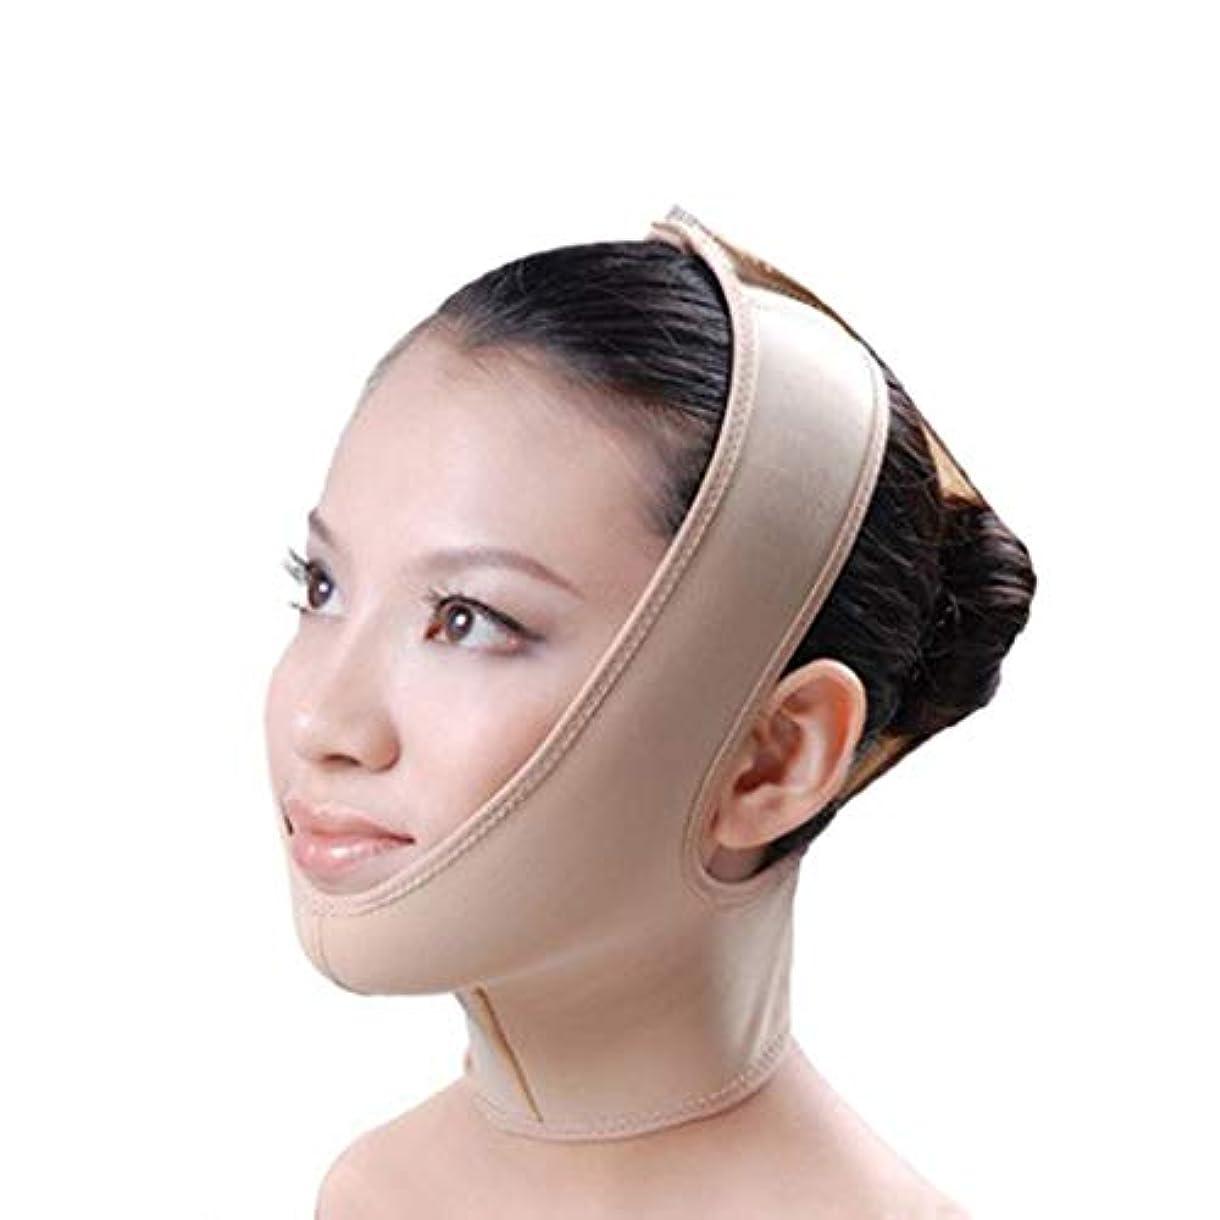 青花性差別XHLMRMJ フェイススリム、リフティングマスク、包帯リフト、ダブルチン、ファーミングフェイシャルリフト、フェイシャル減量マスク、リフティングスキンバンデージ (Size : L)